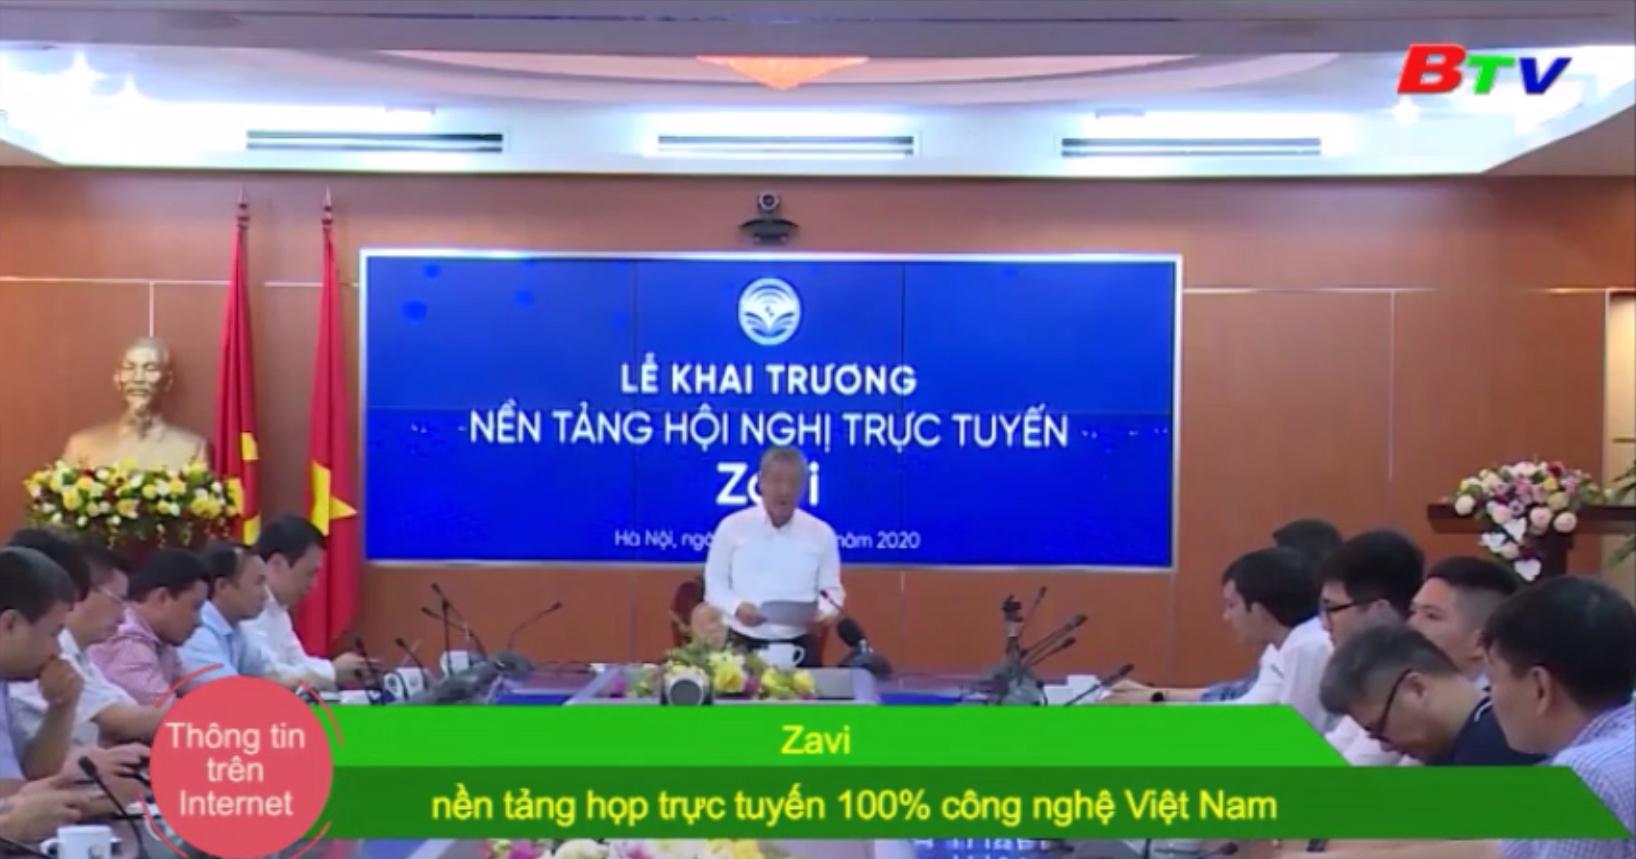 Zavi - Nền tảng họp trực tuyến 100% công nghệ Việt Nam